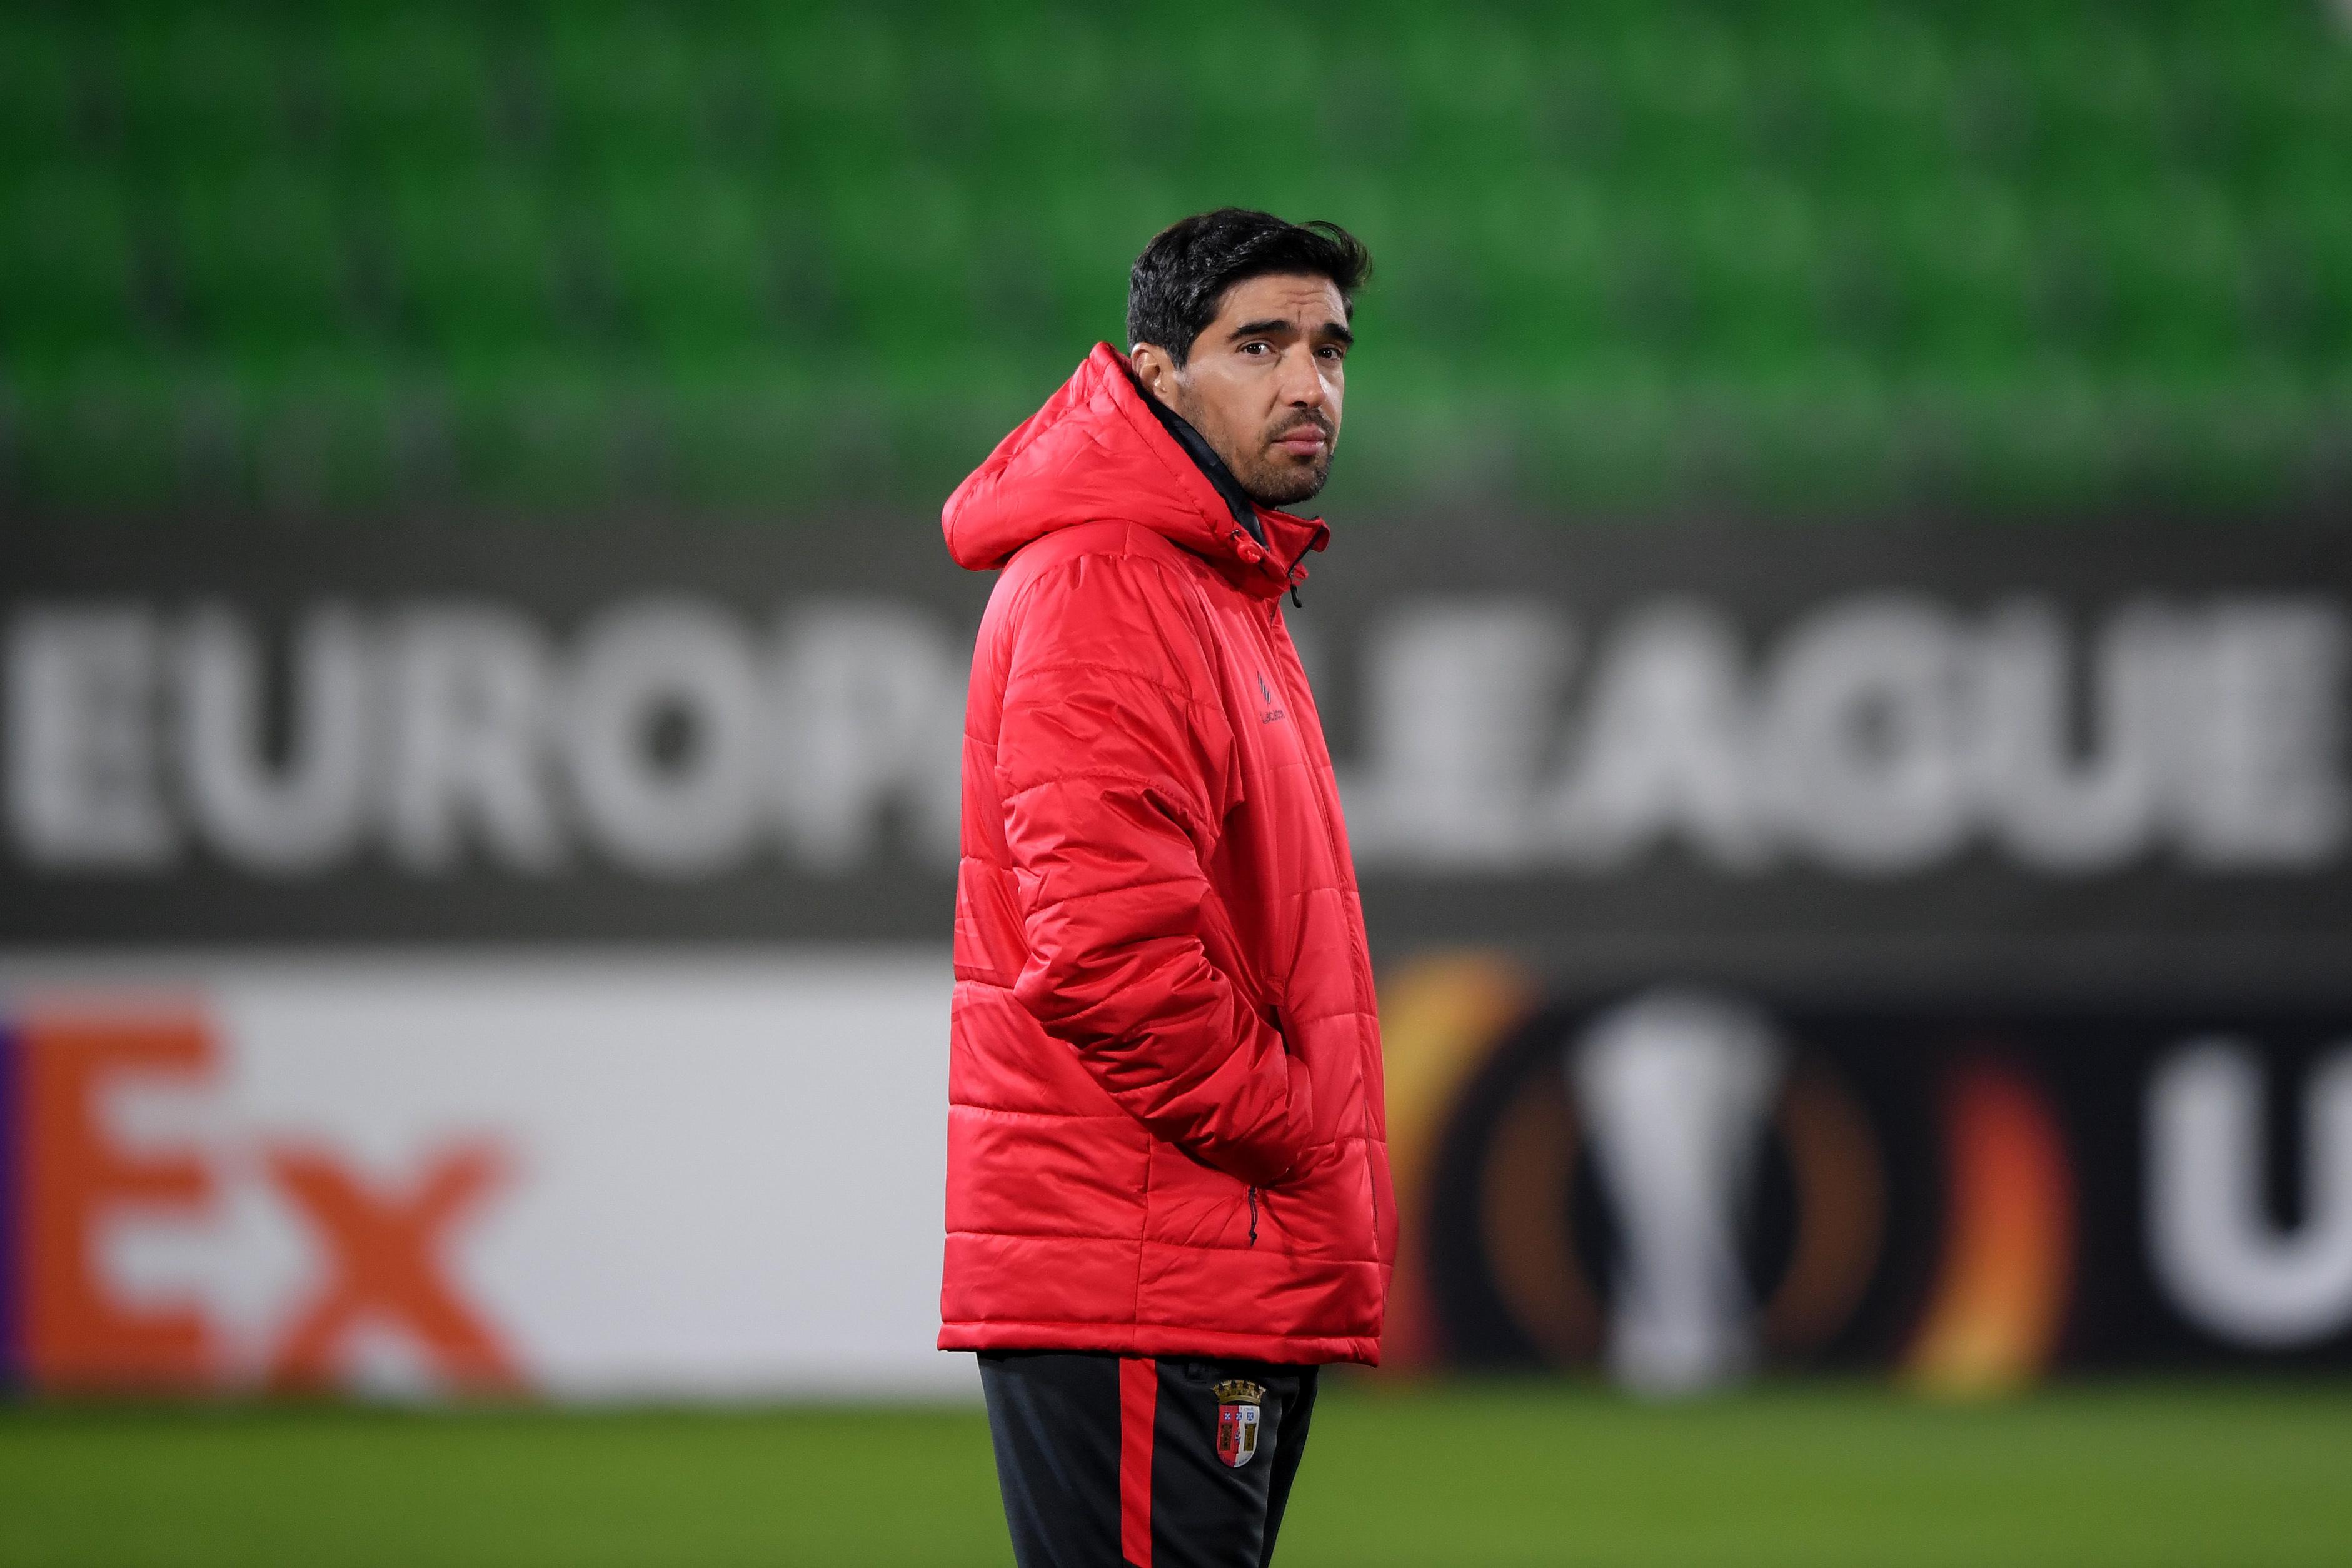 Abel Ferreira garante Sporting de Braga a querer ganhar em Vila do Conde